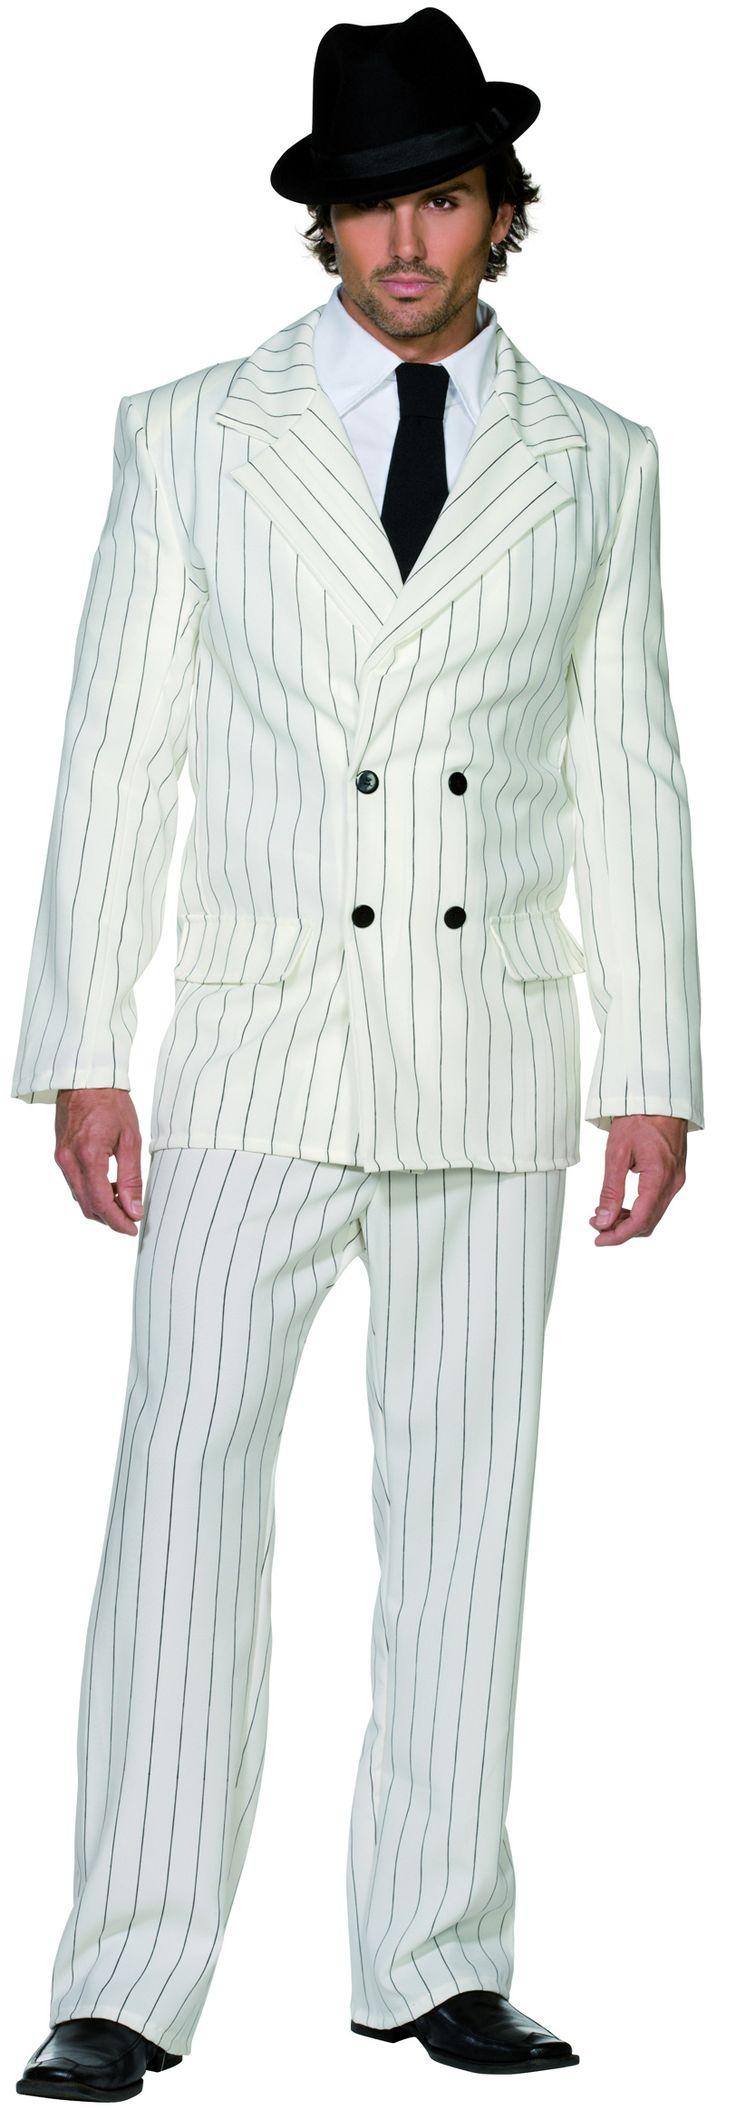 Déguisement gangster blanc homme : Ce déguisement pour homme de gangster blanc se compose d'un pantalon, d'une veste et d'une cravate. (Chapeau, chemise et chaussures non fournis). Disponible en Medium et en Large,...